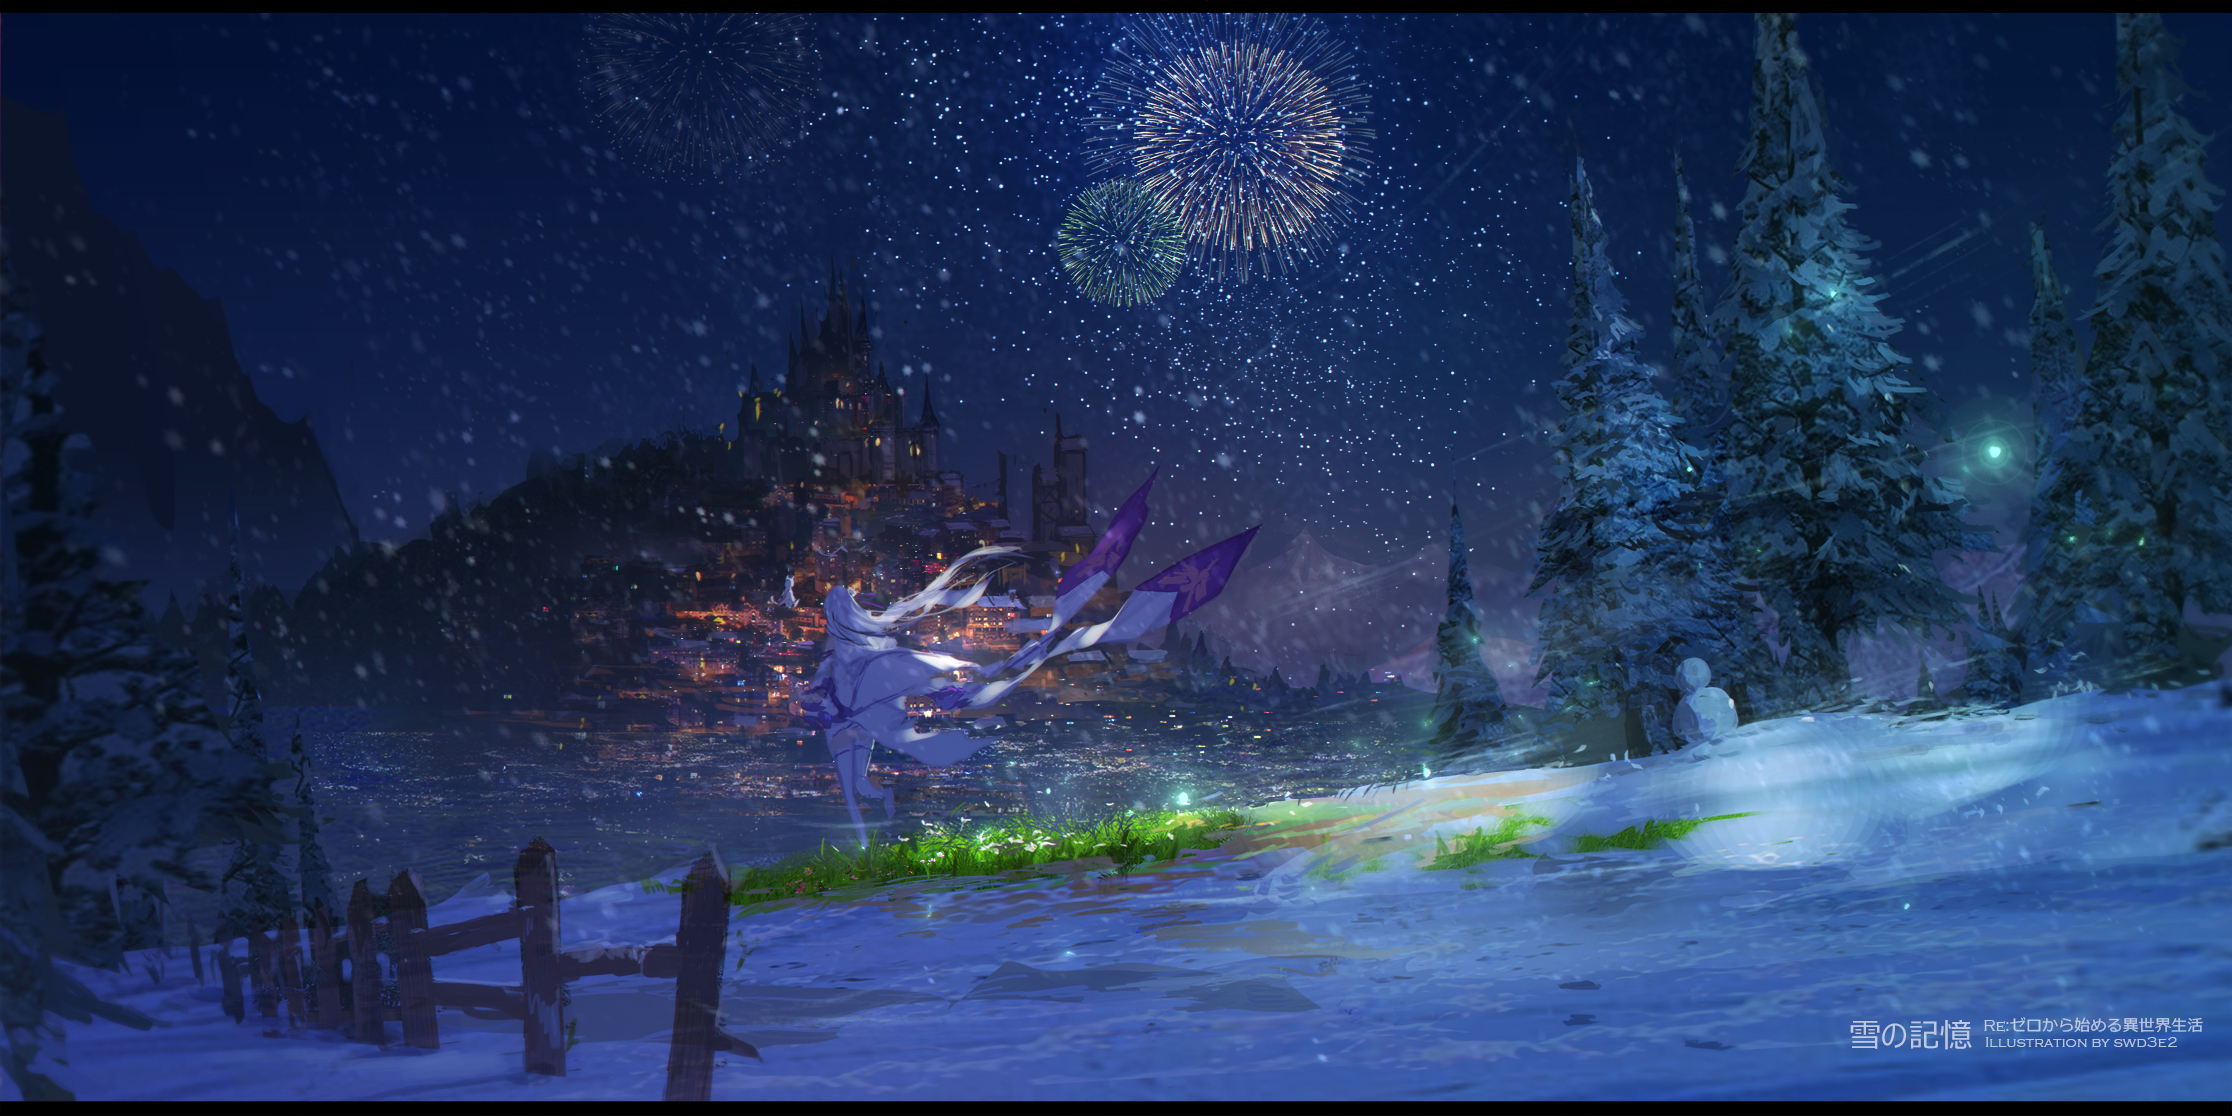 Emilia Re Zero Pack Re Zero Night Fireworks Snowfall 2232x1116